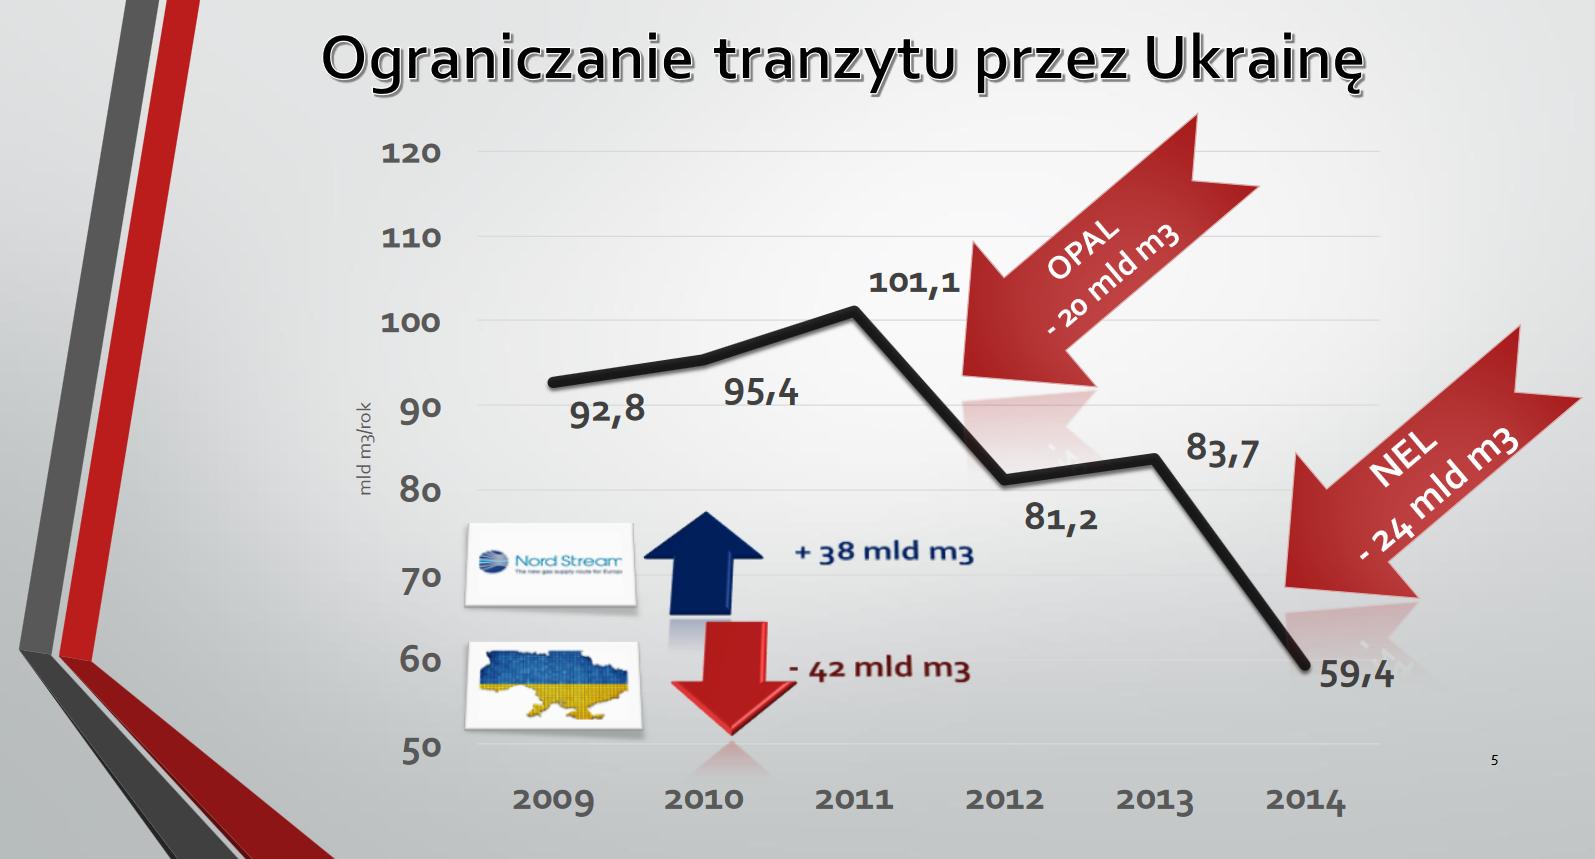 Ograniczenie tranzytu przez Ukrainę. Fot. BiznesAlert.pl